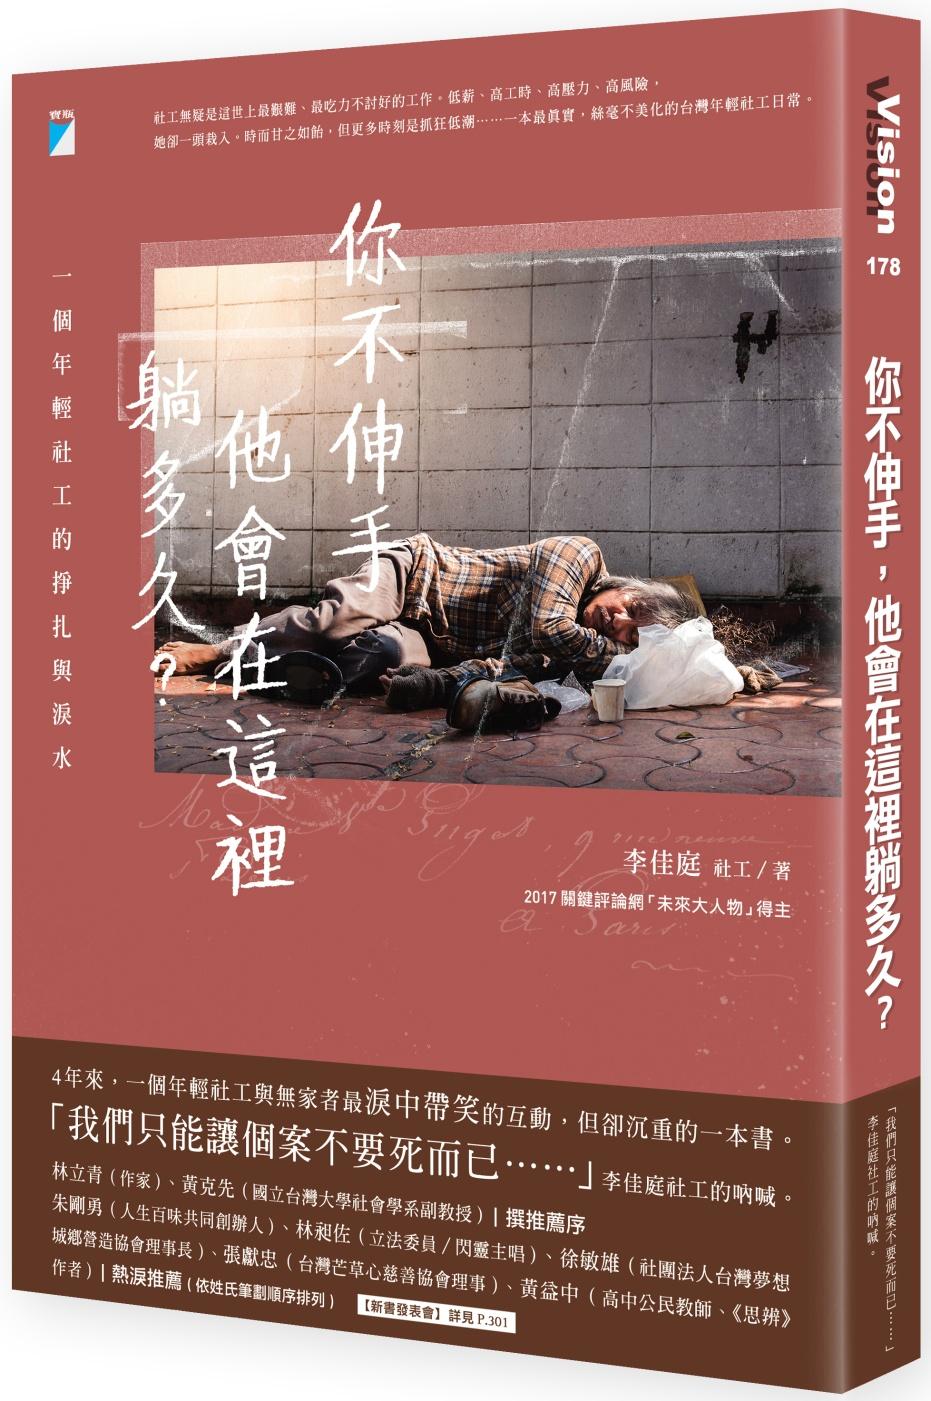 你不伸手,他會在這裡躺多久?:一個年輕社工的掙扎與淚水